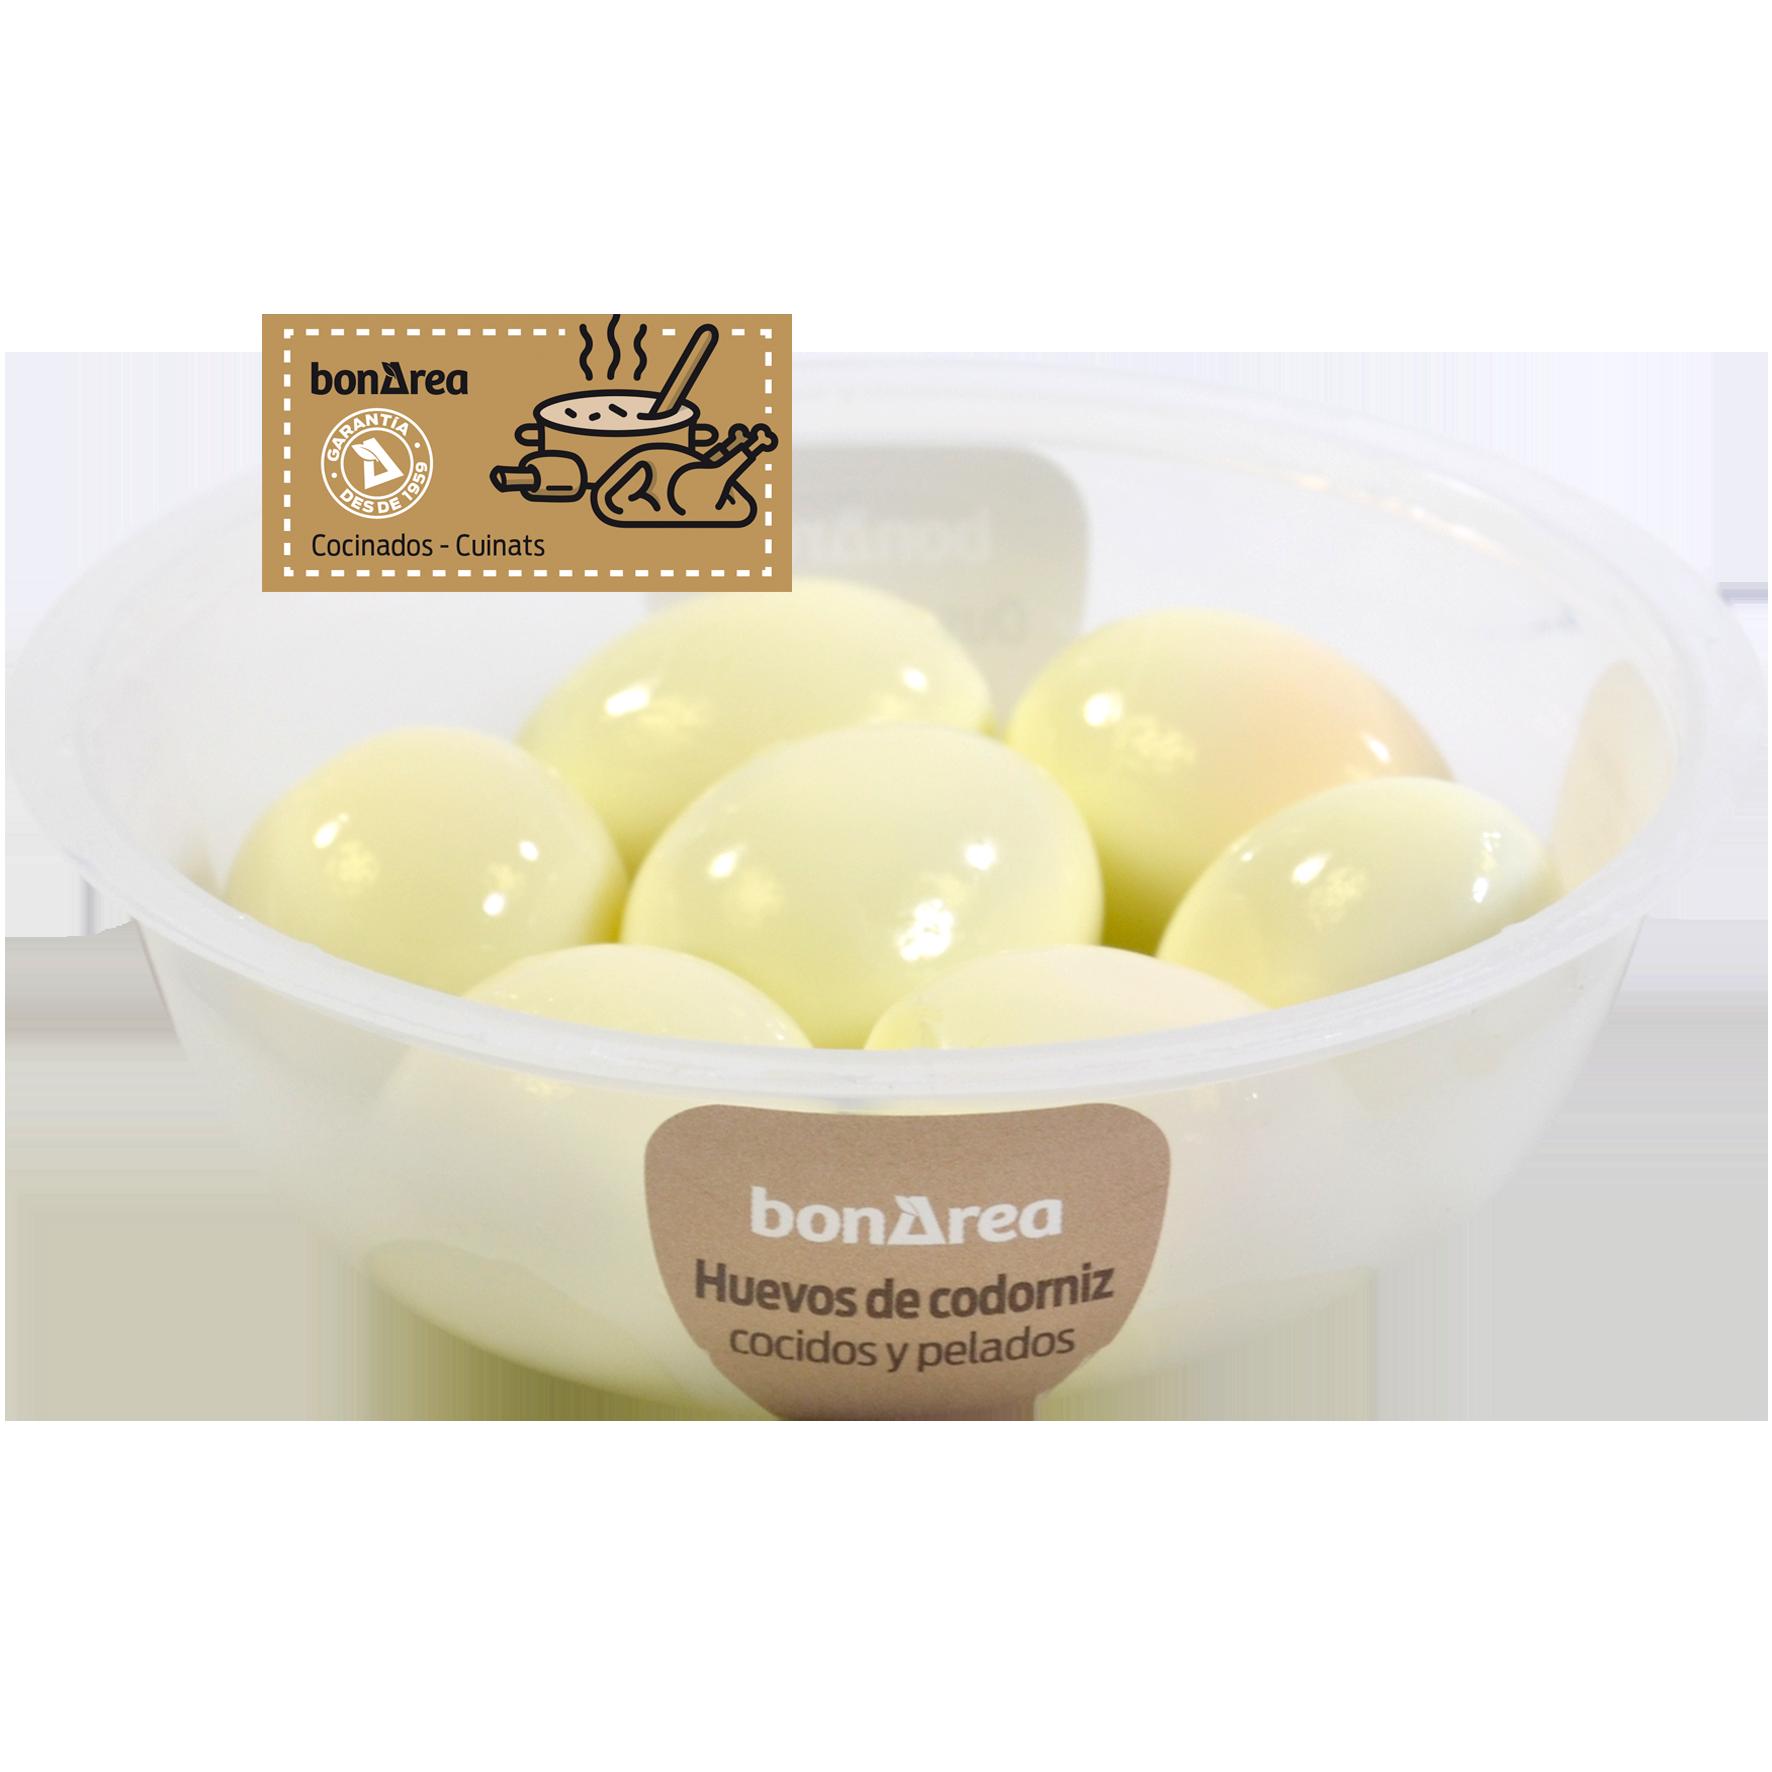 Huevos de codorniz cocidos y pelados 7 u.